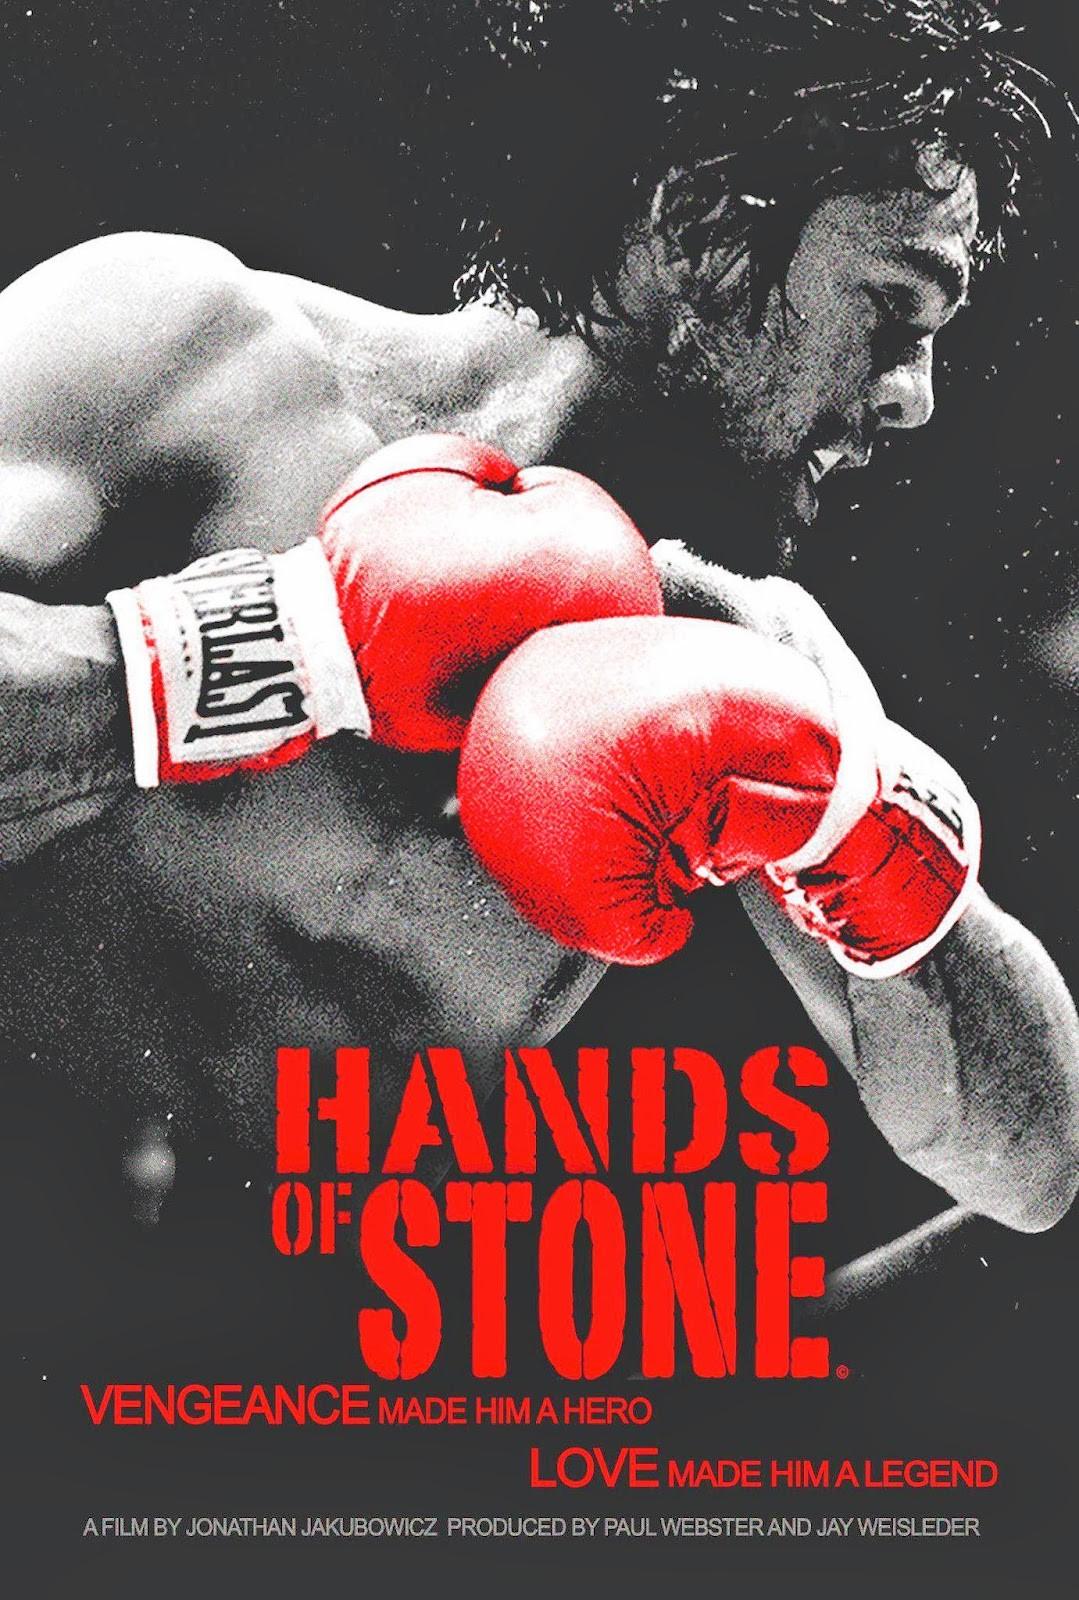 Hands of stone (2016) de Jonathan Jakubowicz